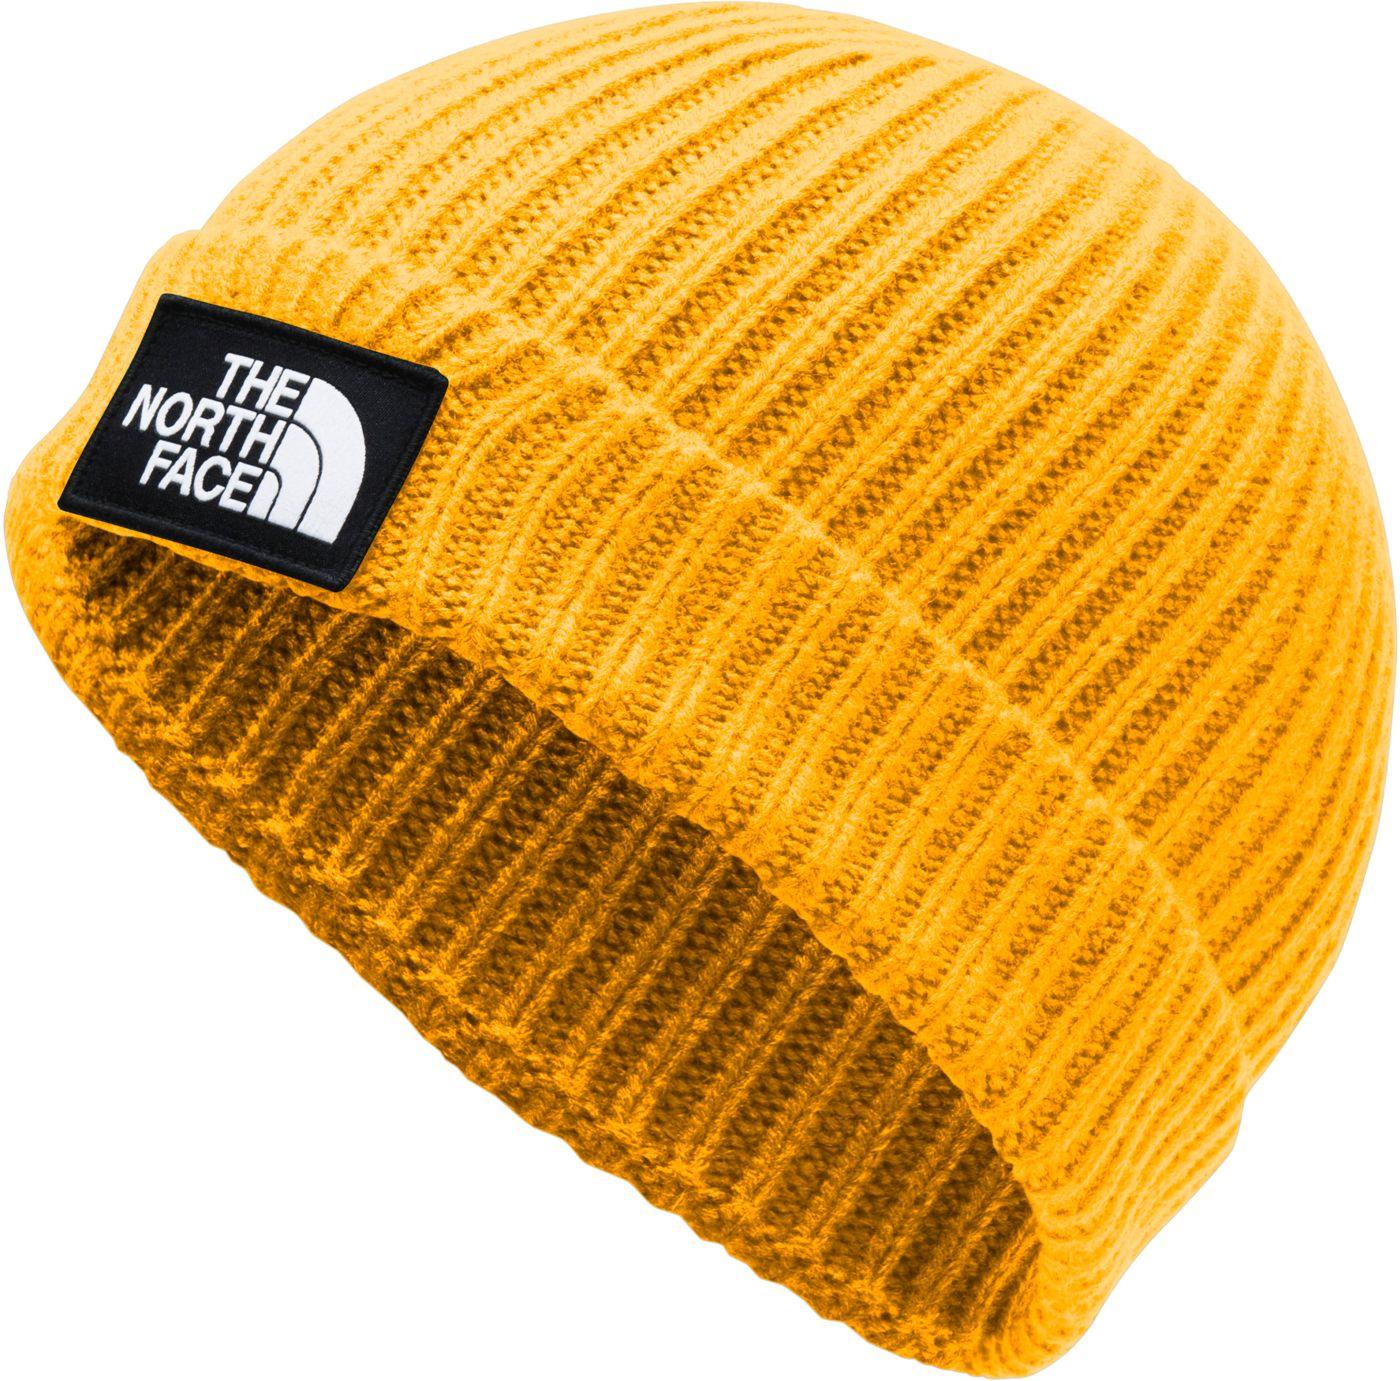 The North Face Men's Logo Box Cuffed Beanie